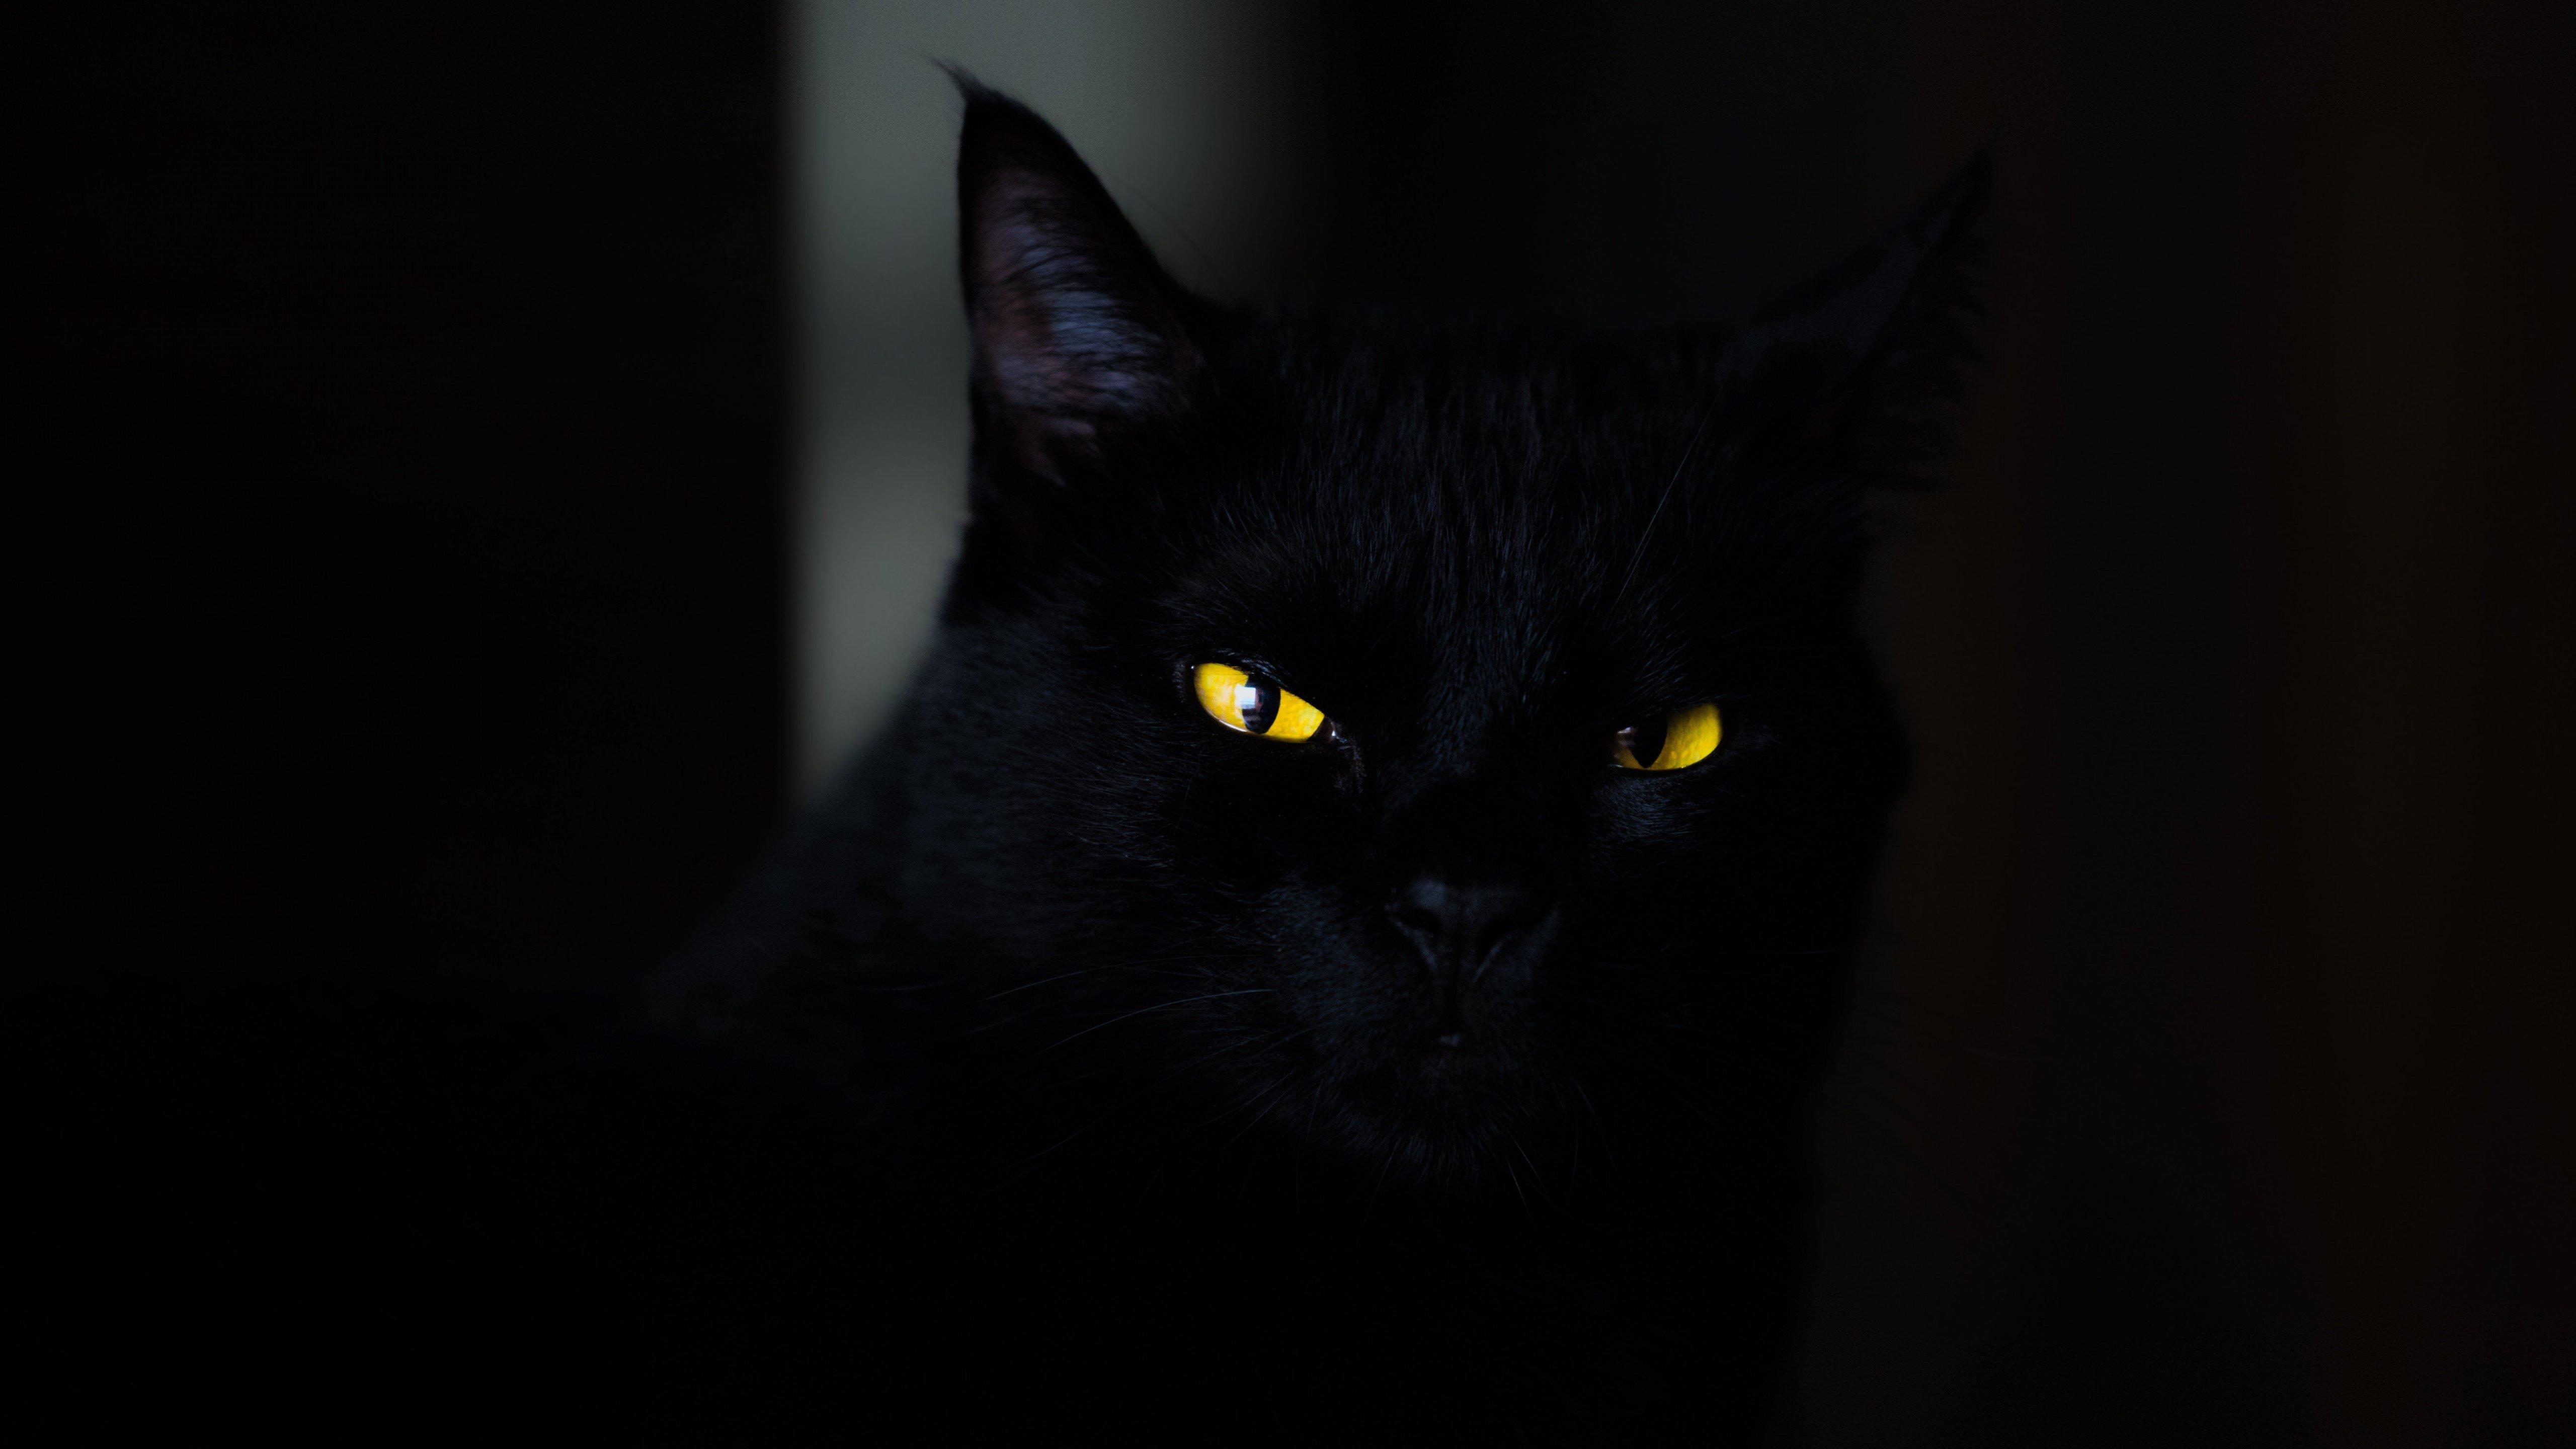 Fondos de pantalla Gato Negro en la oscuridad